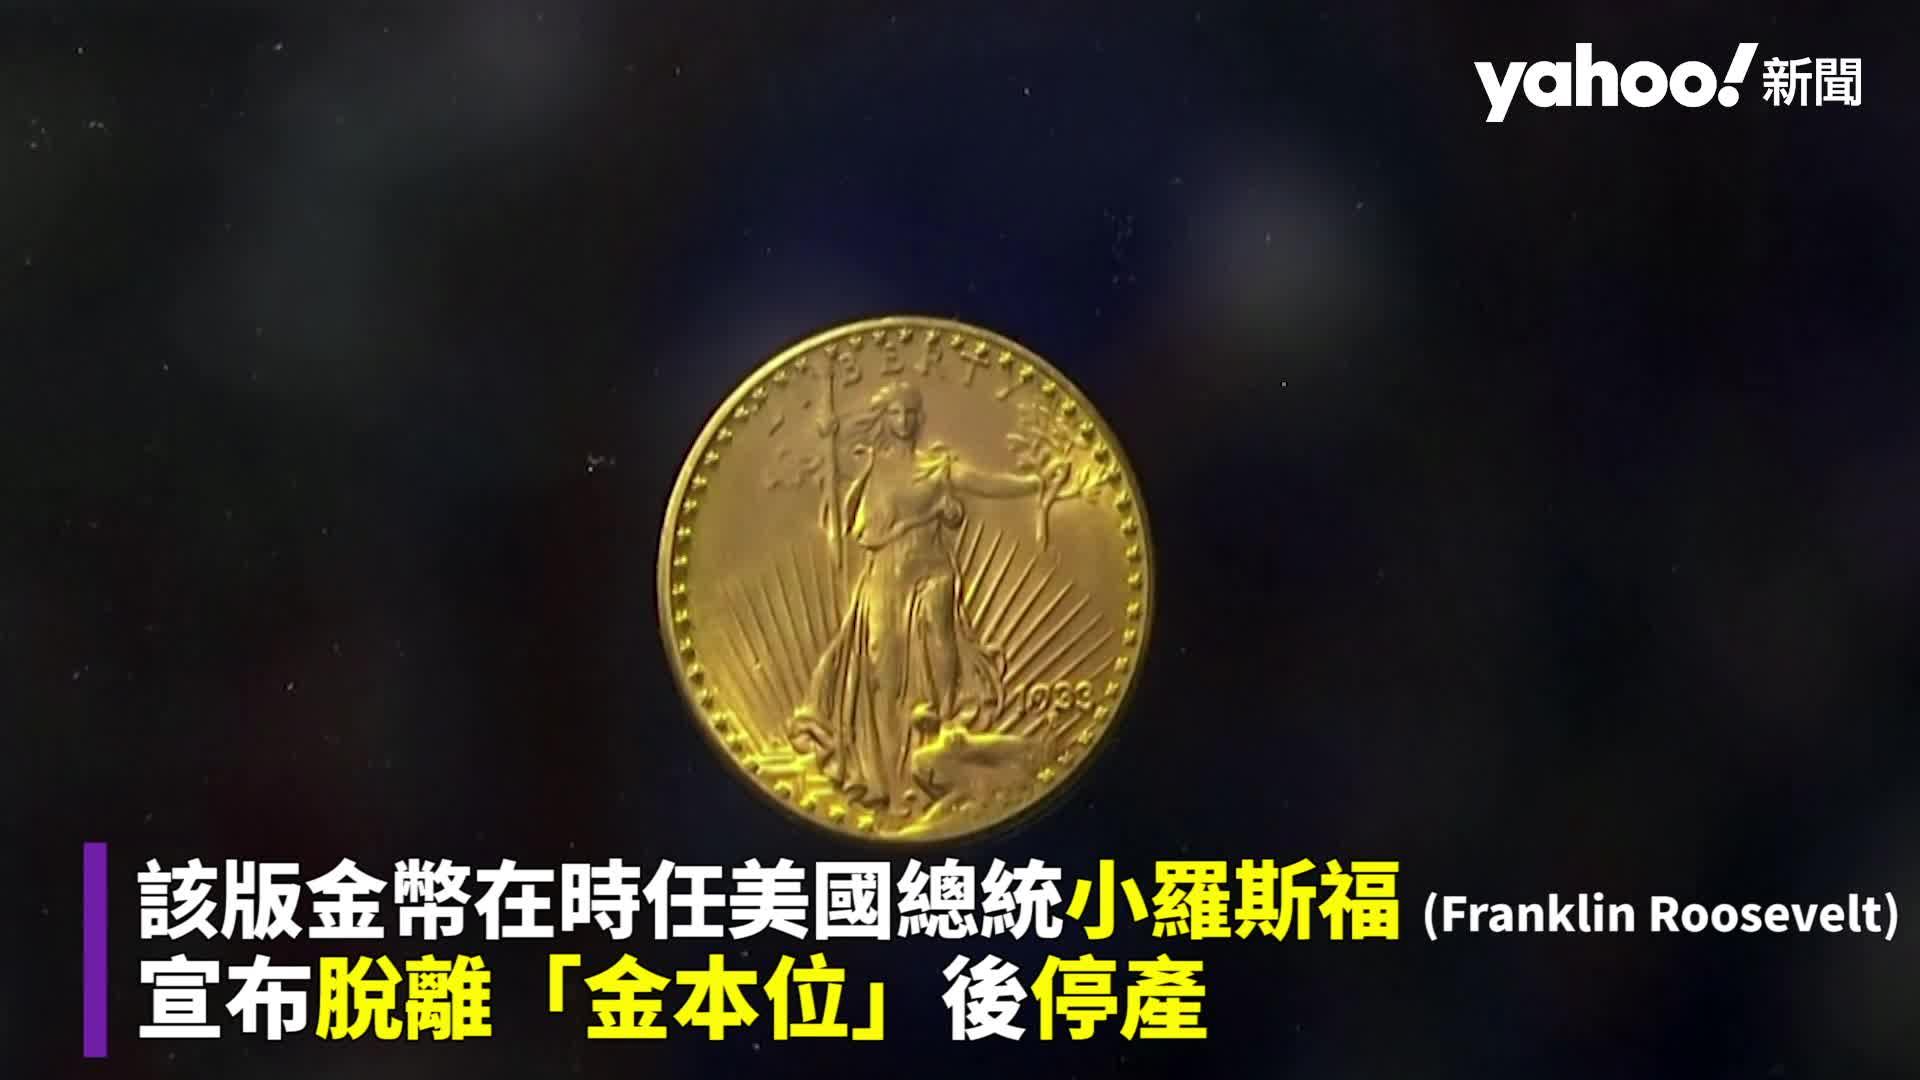 1933年版雙鷹金幣5.2億成交破紀錄 全球最貴郵票2.3億賣出